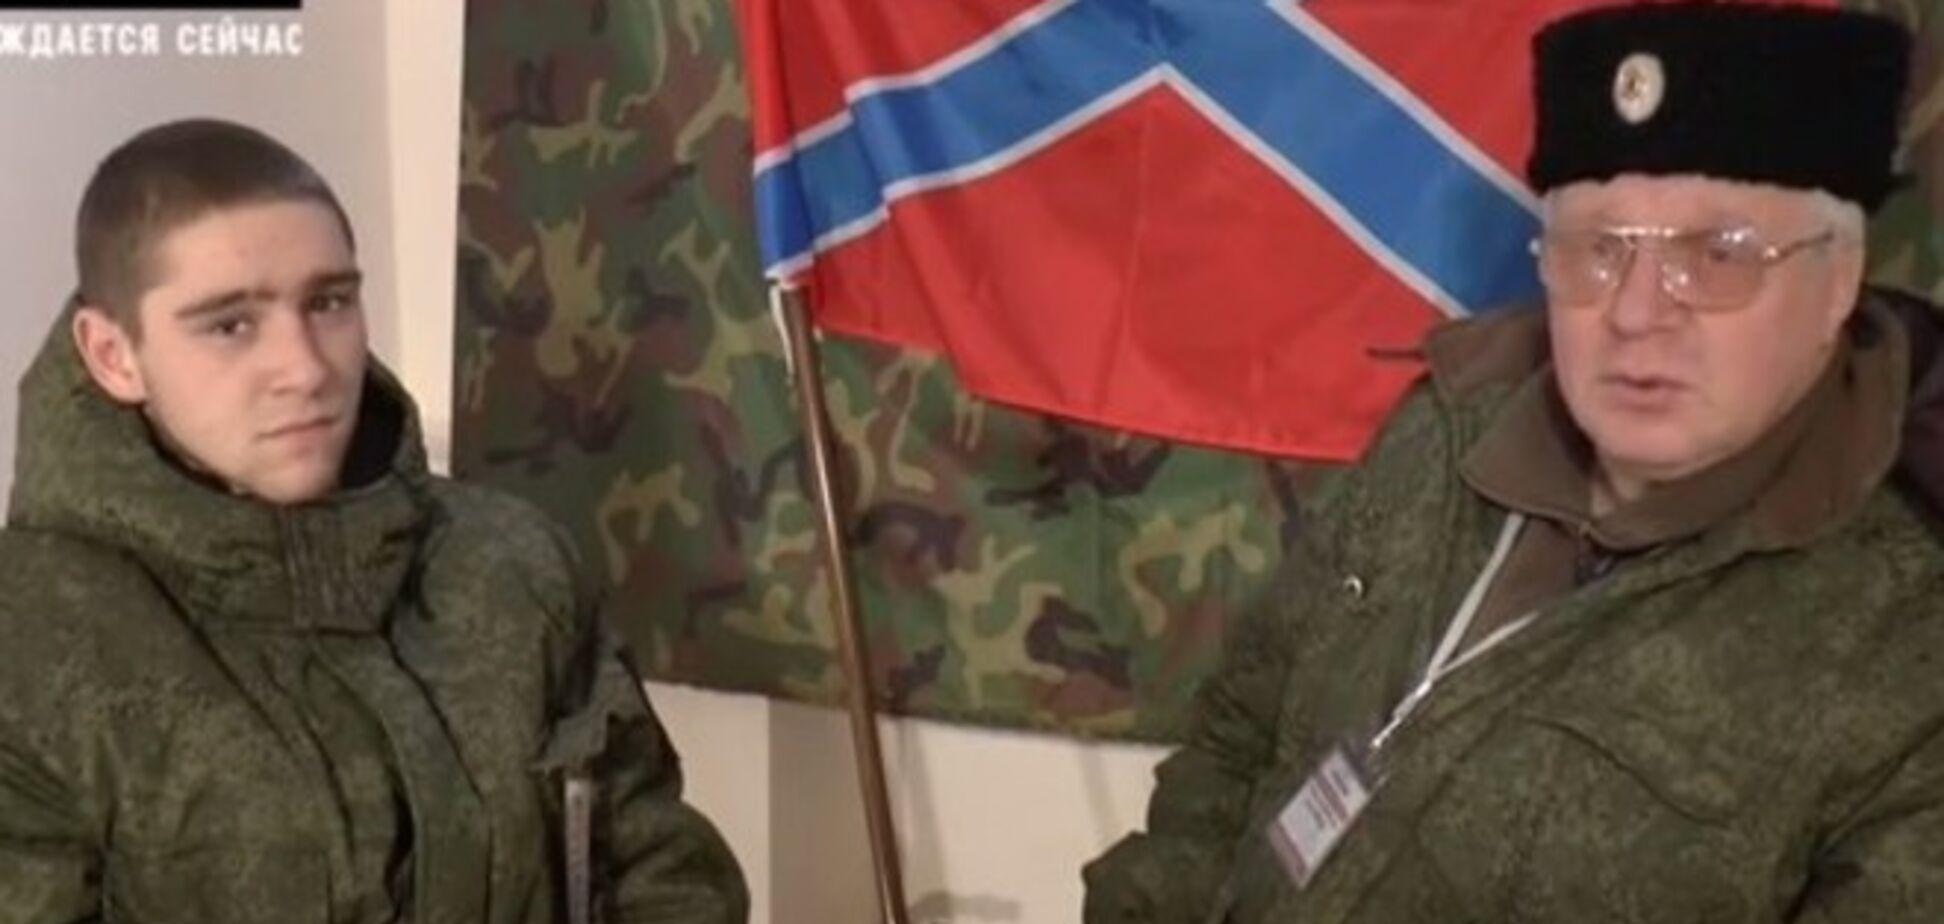 Террористы рассказали слезливую историю о батальоне 'малолеток', которые умирают за 'Новороссию': видеофакт